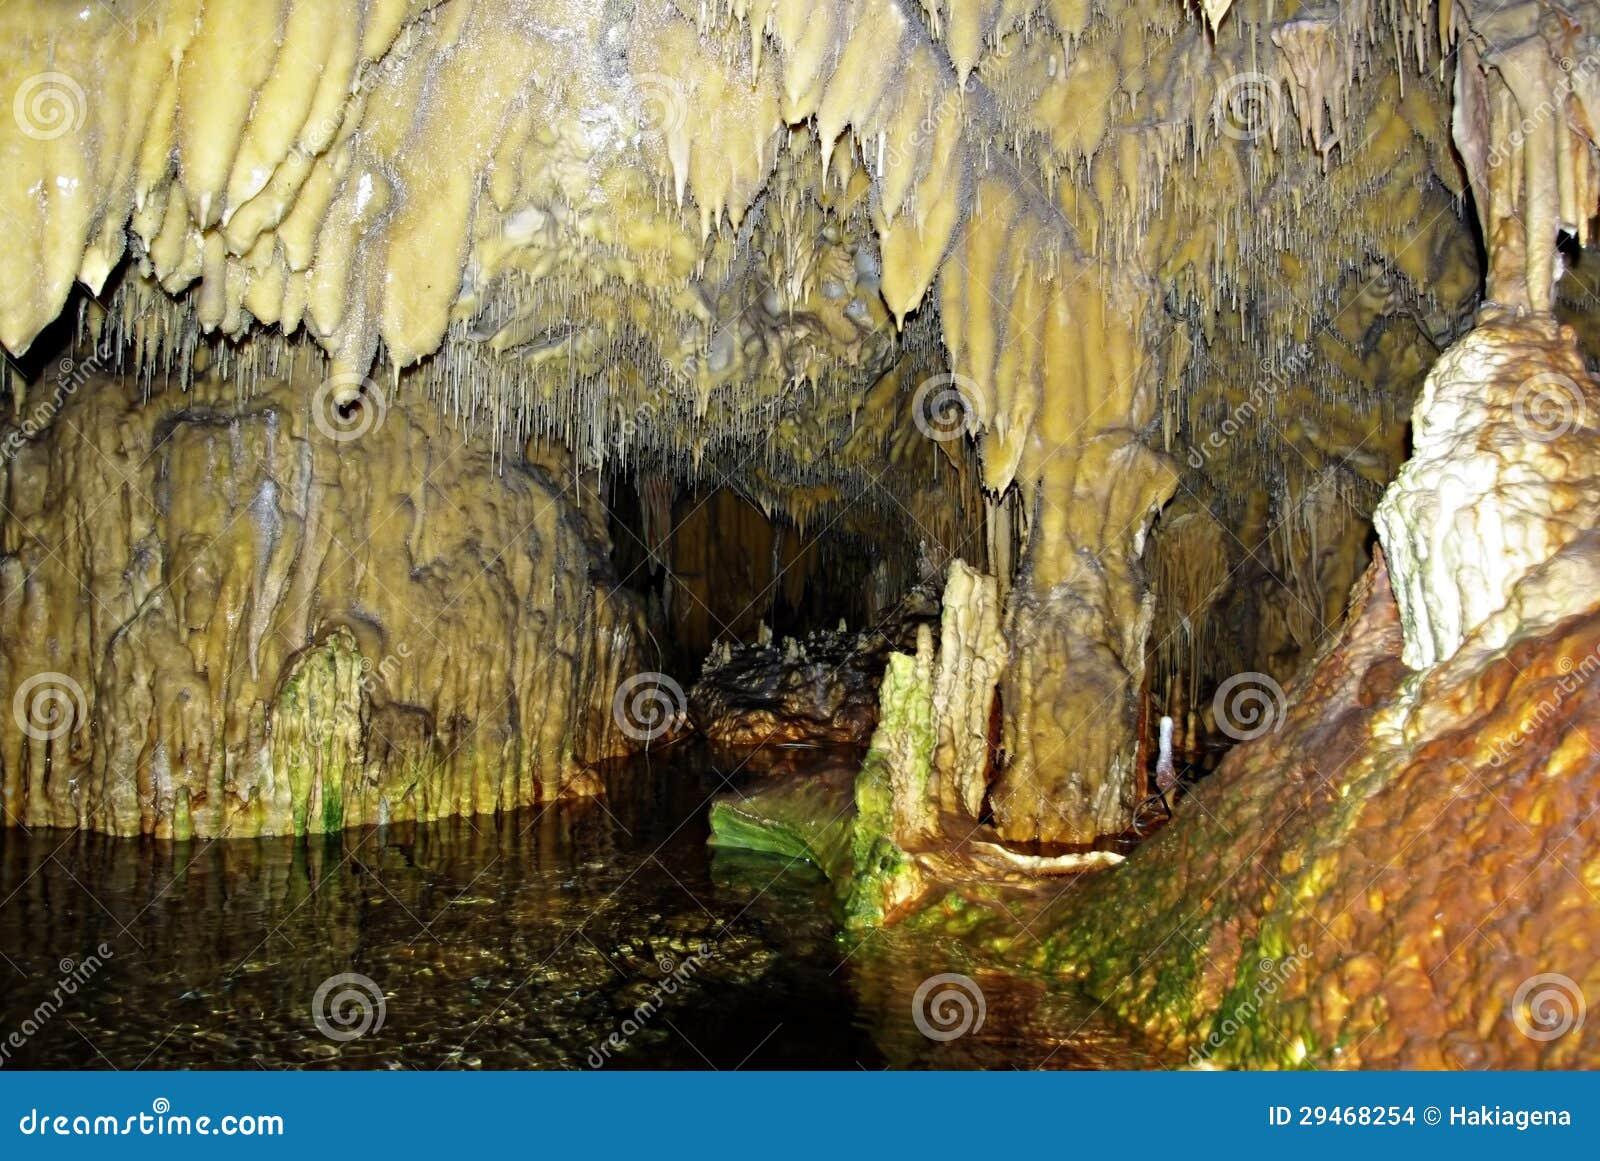 Внутреннее подземелье